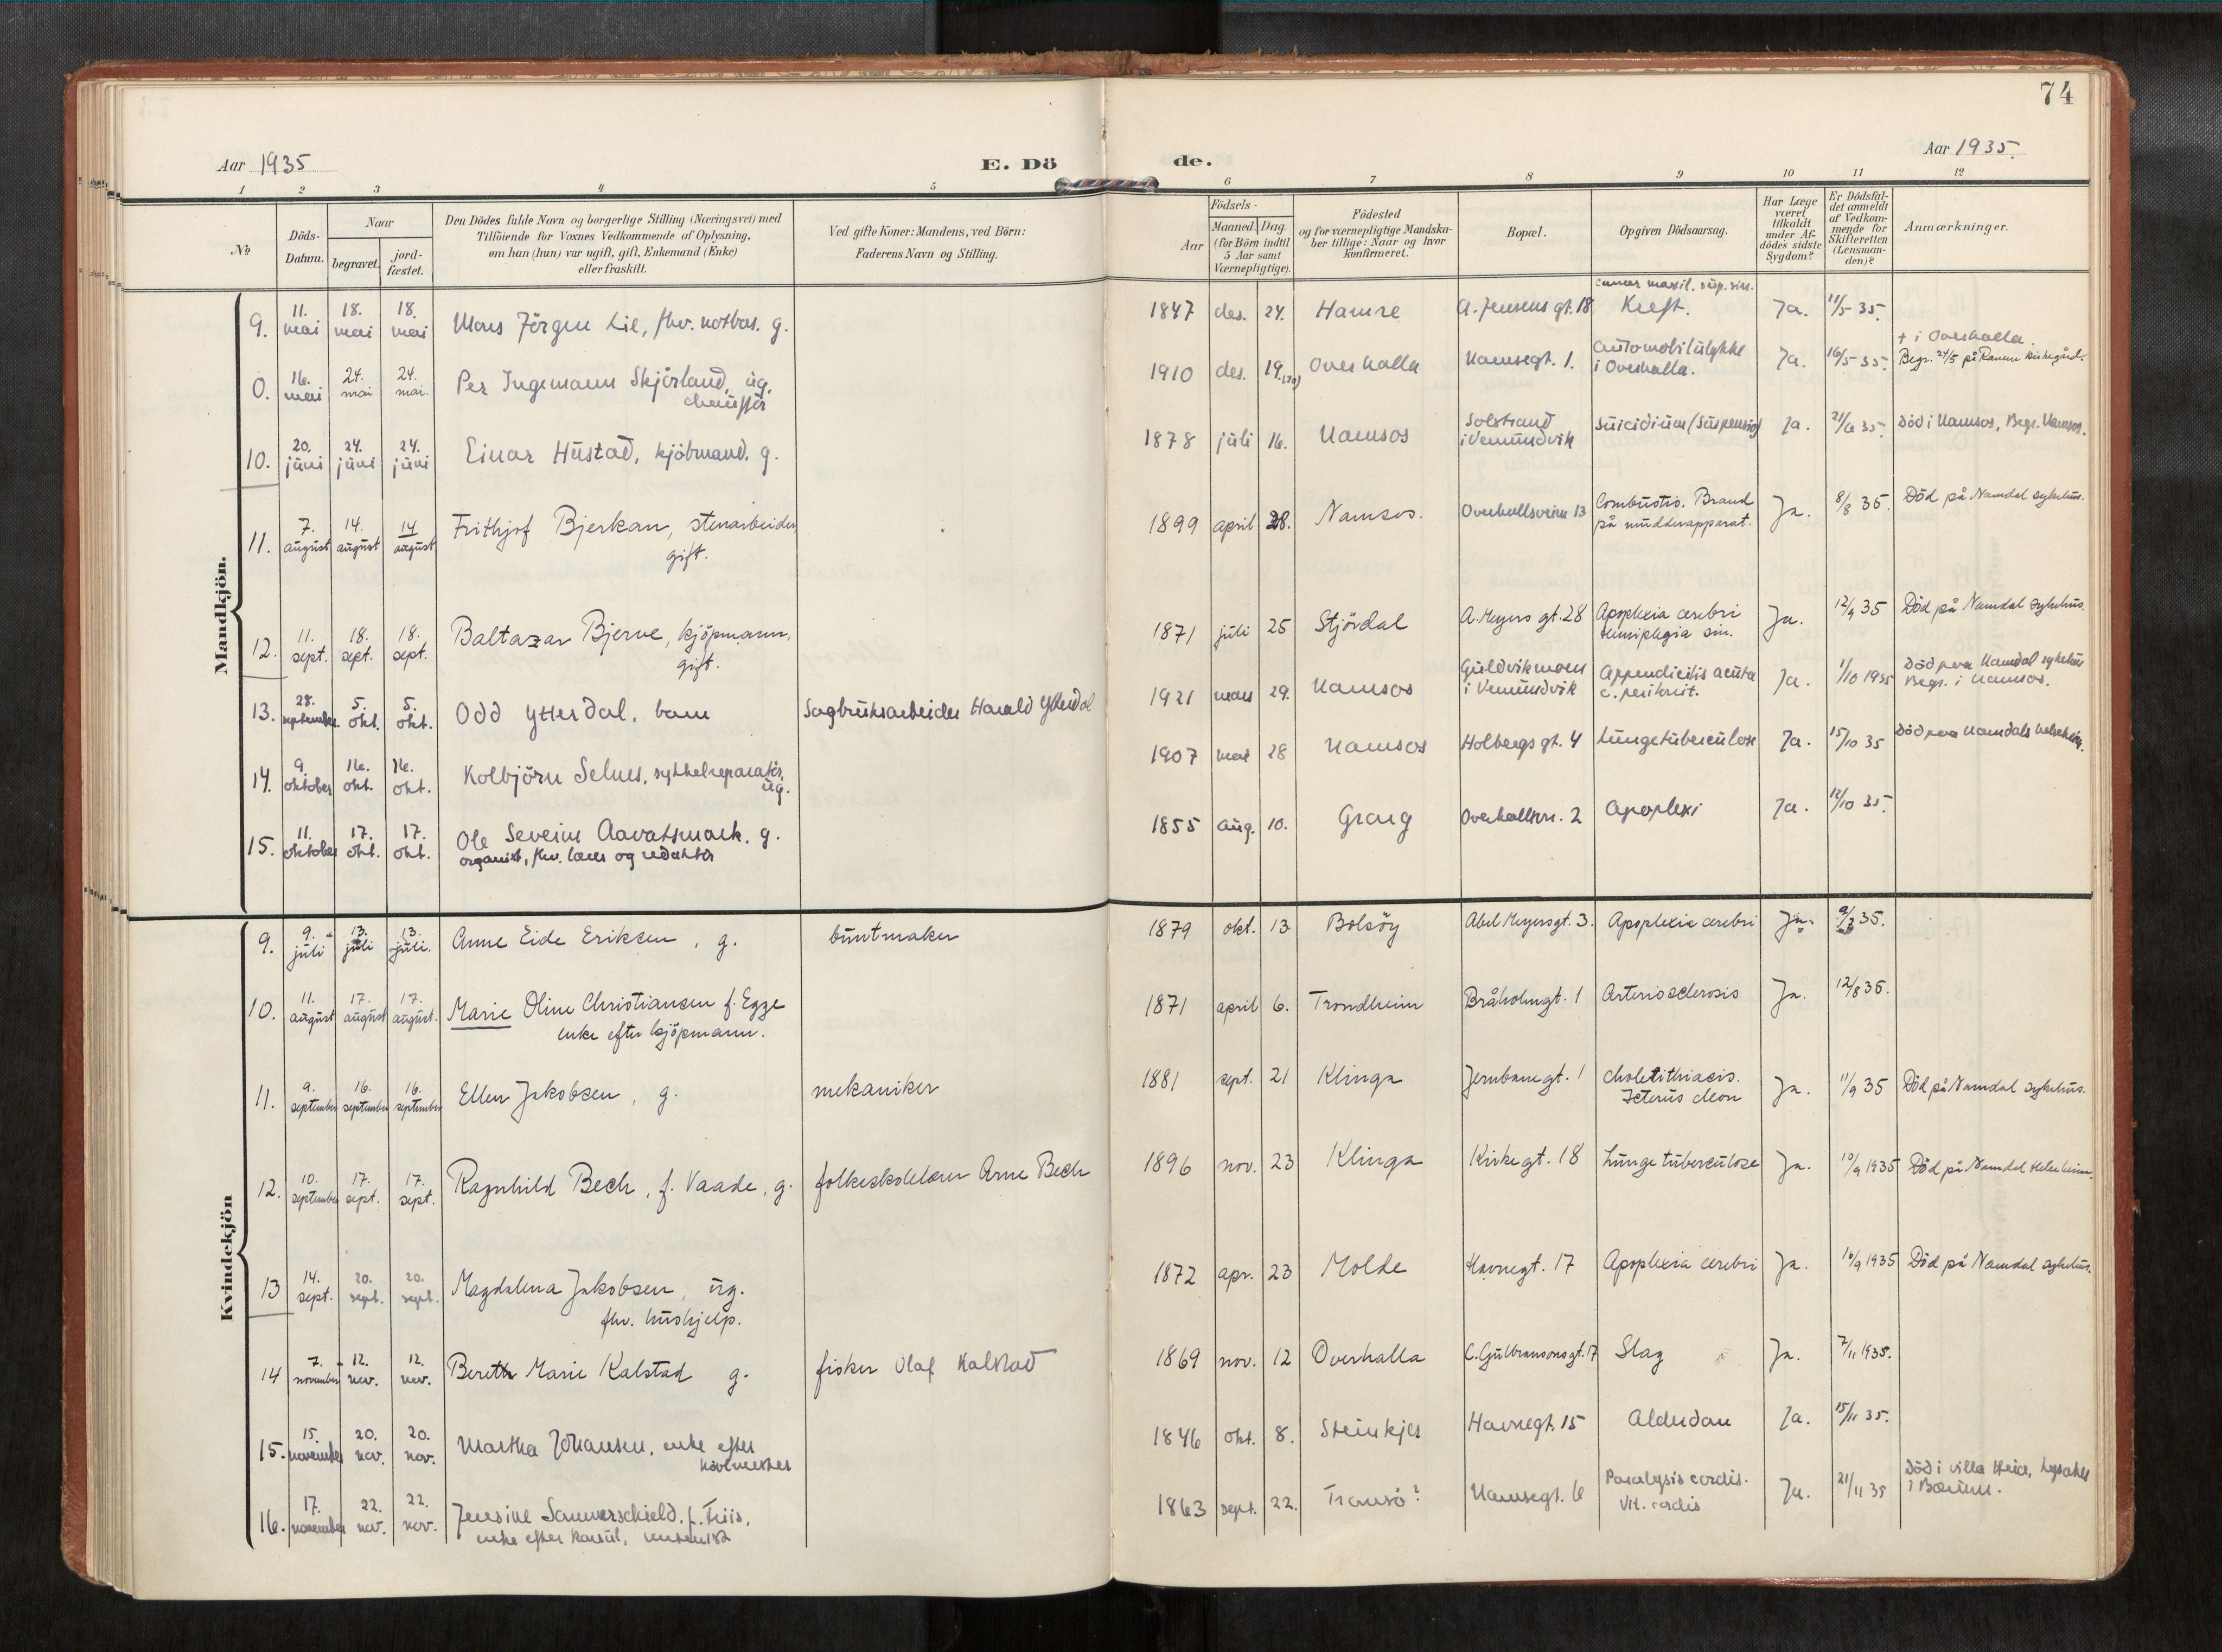 SAT, Ministerialprotokoller, klokkerbøker og fødselsregistre - Nord-Trøndelag, 768/L0579b: Ministerialbok nr. 768A15, 1908-1945, s. 74